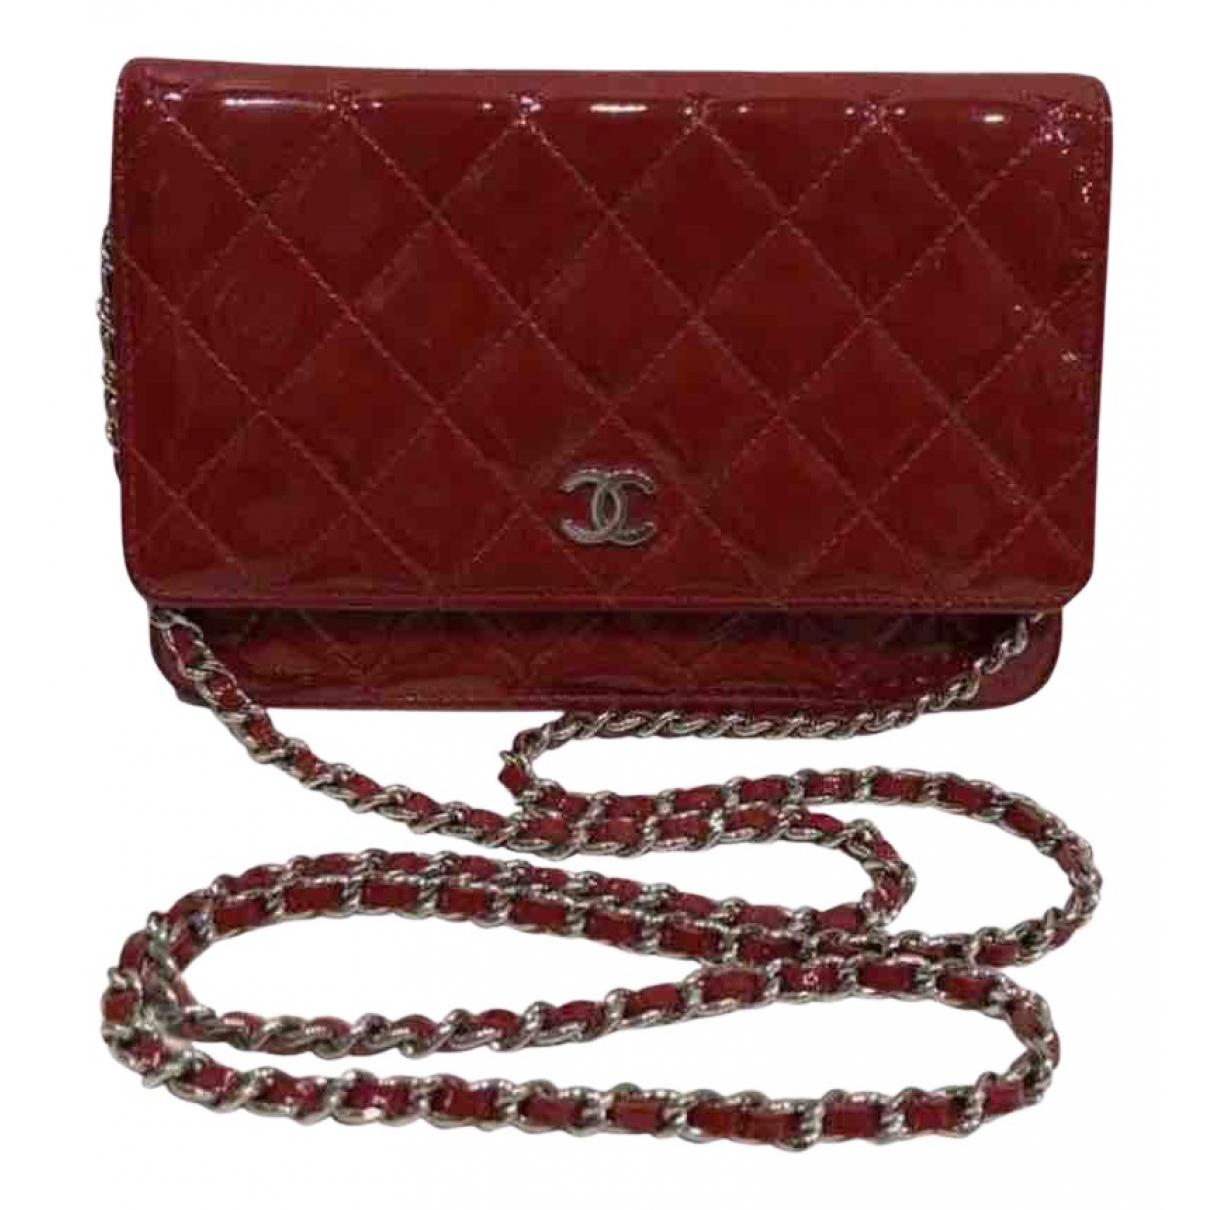 Chanel - Sac a main Wallet on Chain pour femme en cuir verni - rouge